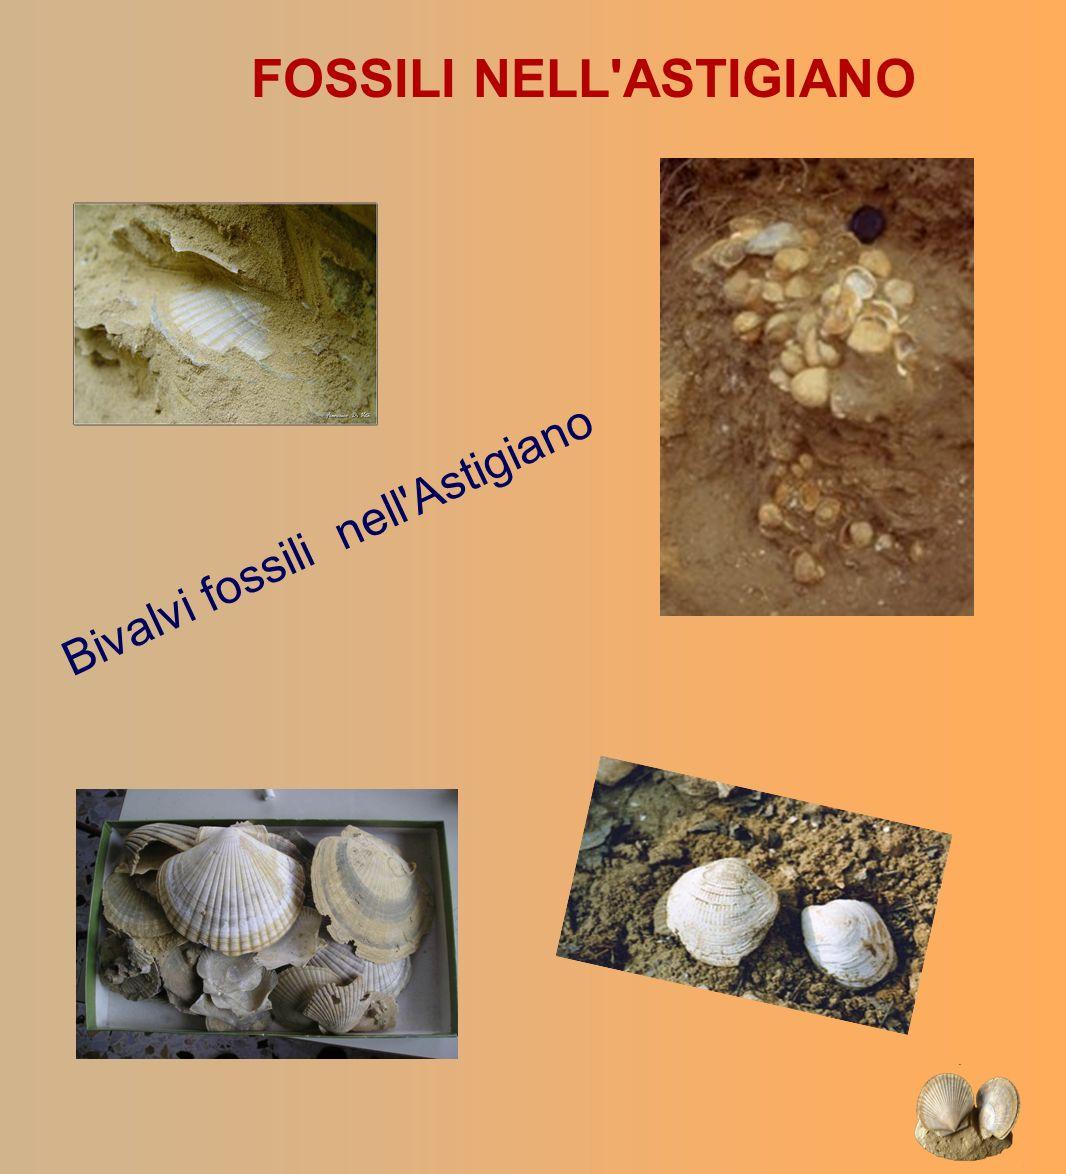 FOSSILI NELL'ASTIGIANO Bivalvi fossili nell'Astigiano